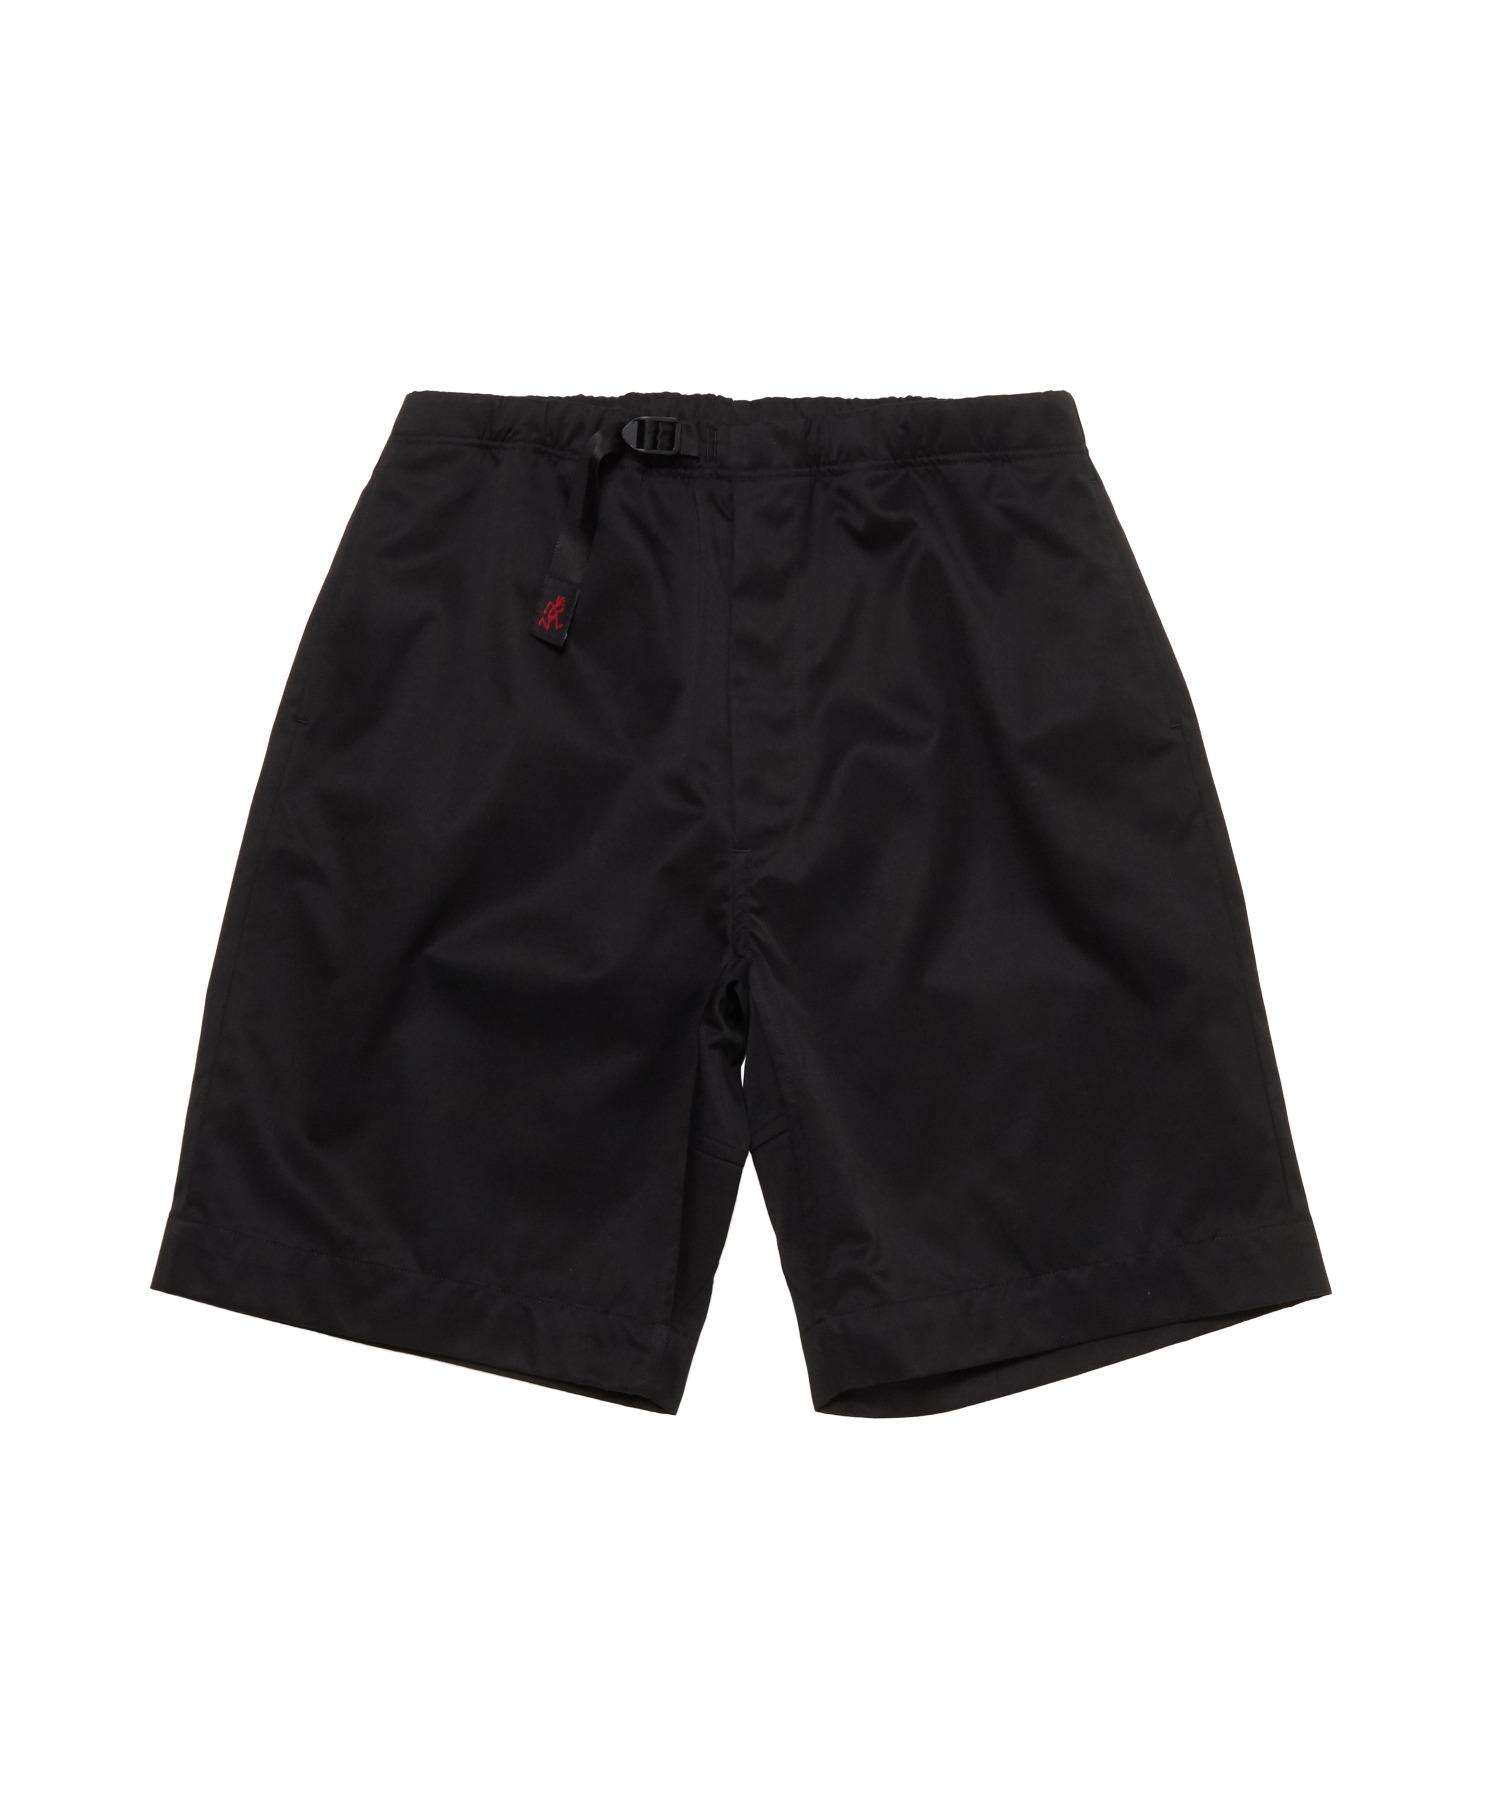 SPRING2021 N.HOOLYWOOD COMPILE × GRAMMiCCi HALF PANTS